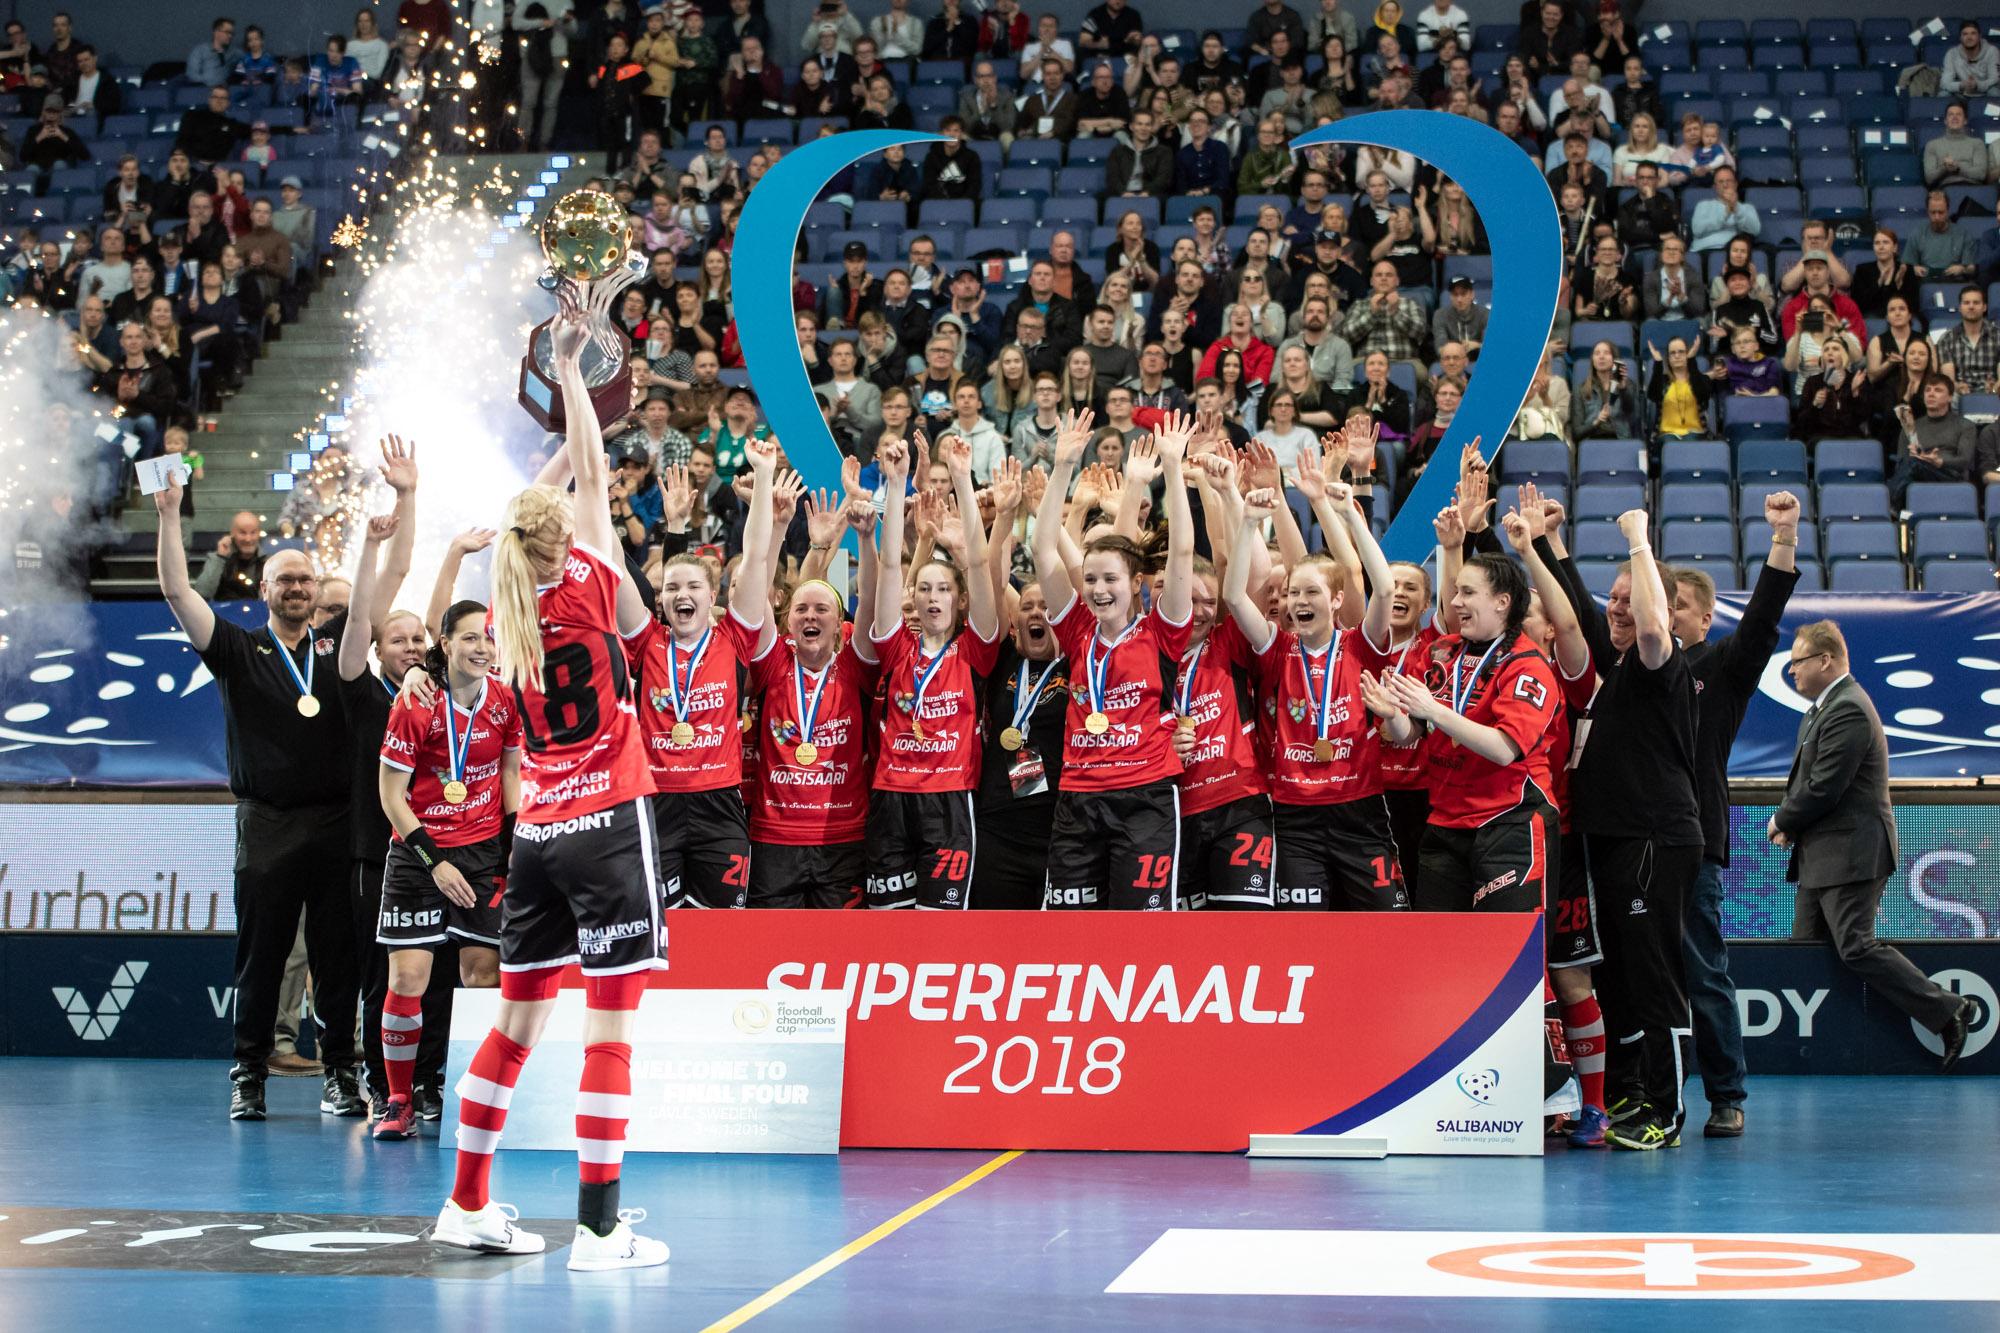 SB-Pro naisten superfinaalin voittaja.